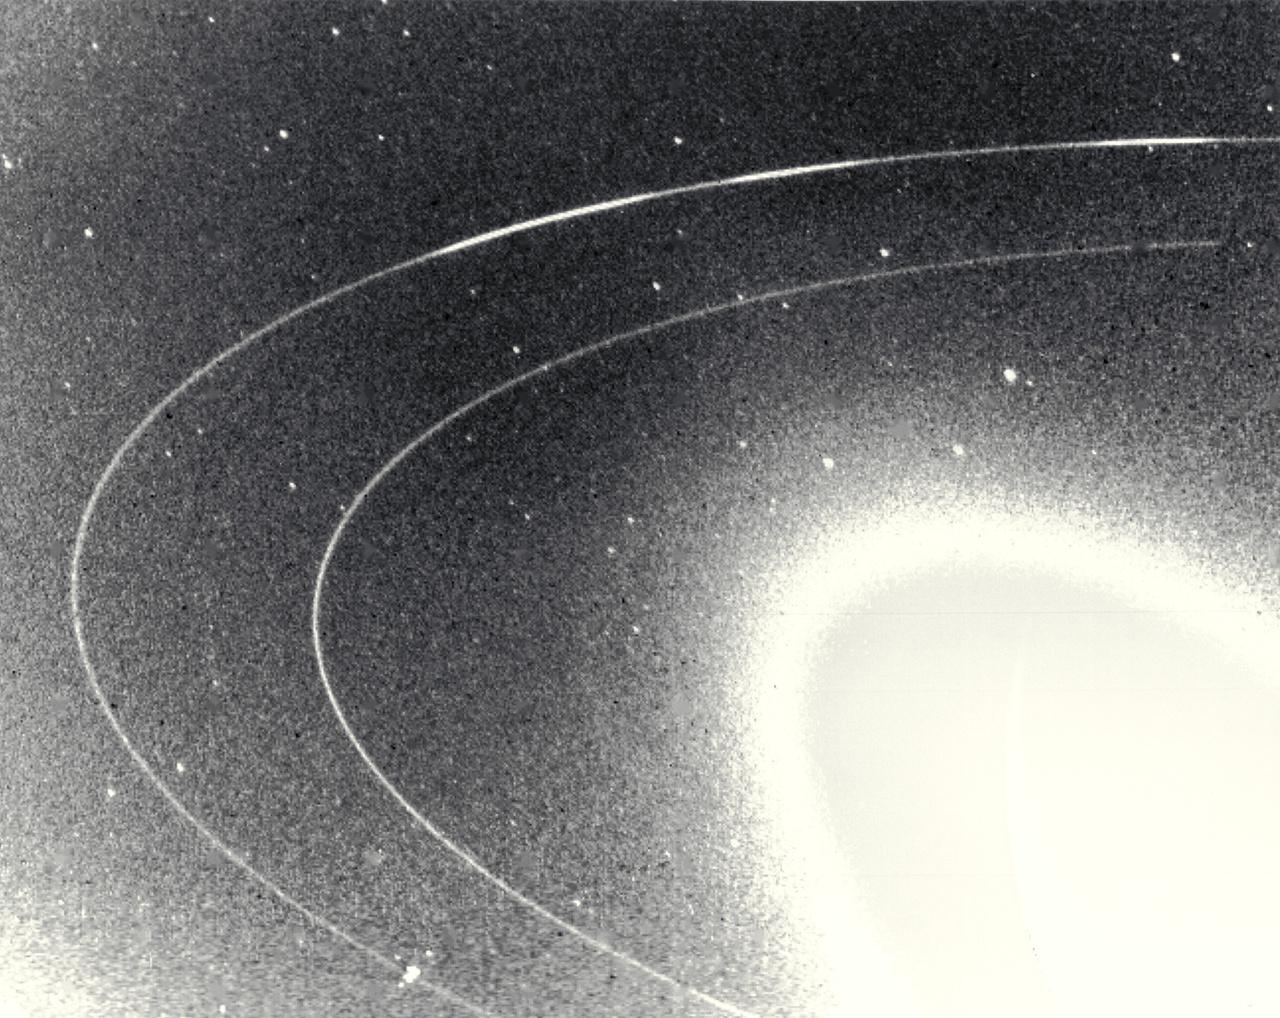 1989. augusztus 26. A Voyager 2 nagy látószögű optikájával készült fotón a Neptunusz két fő gyűrűje figyelhető meg.